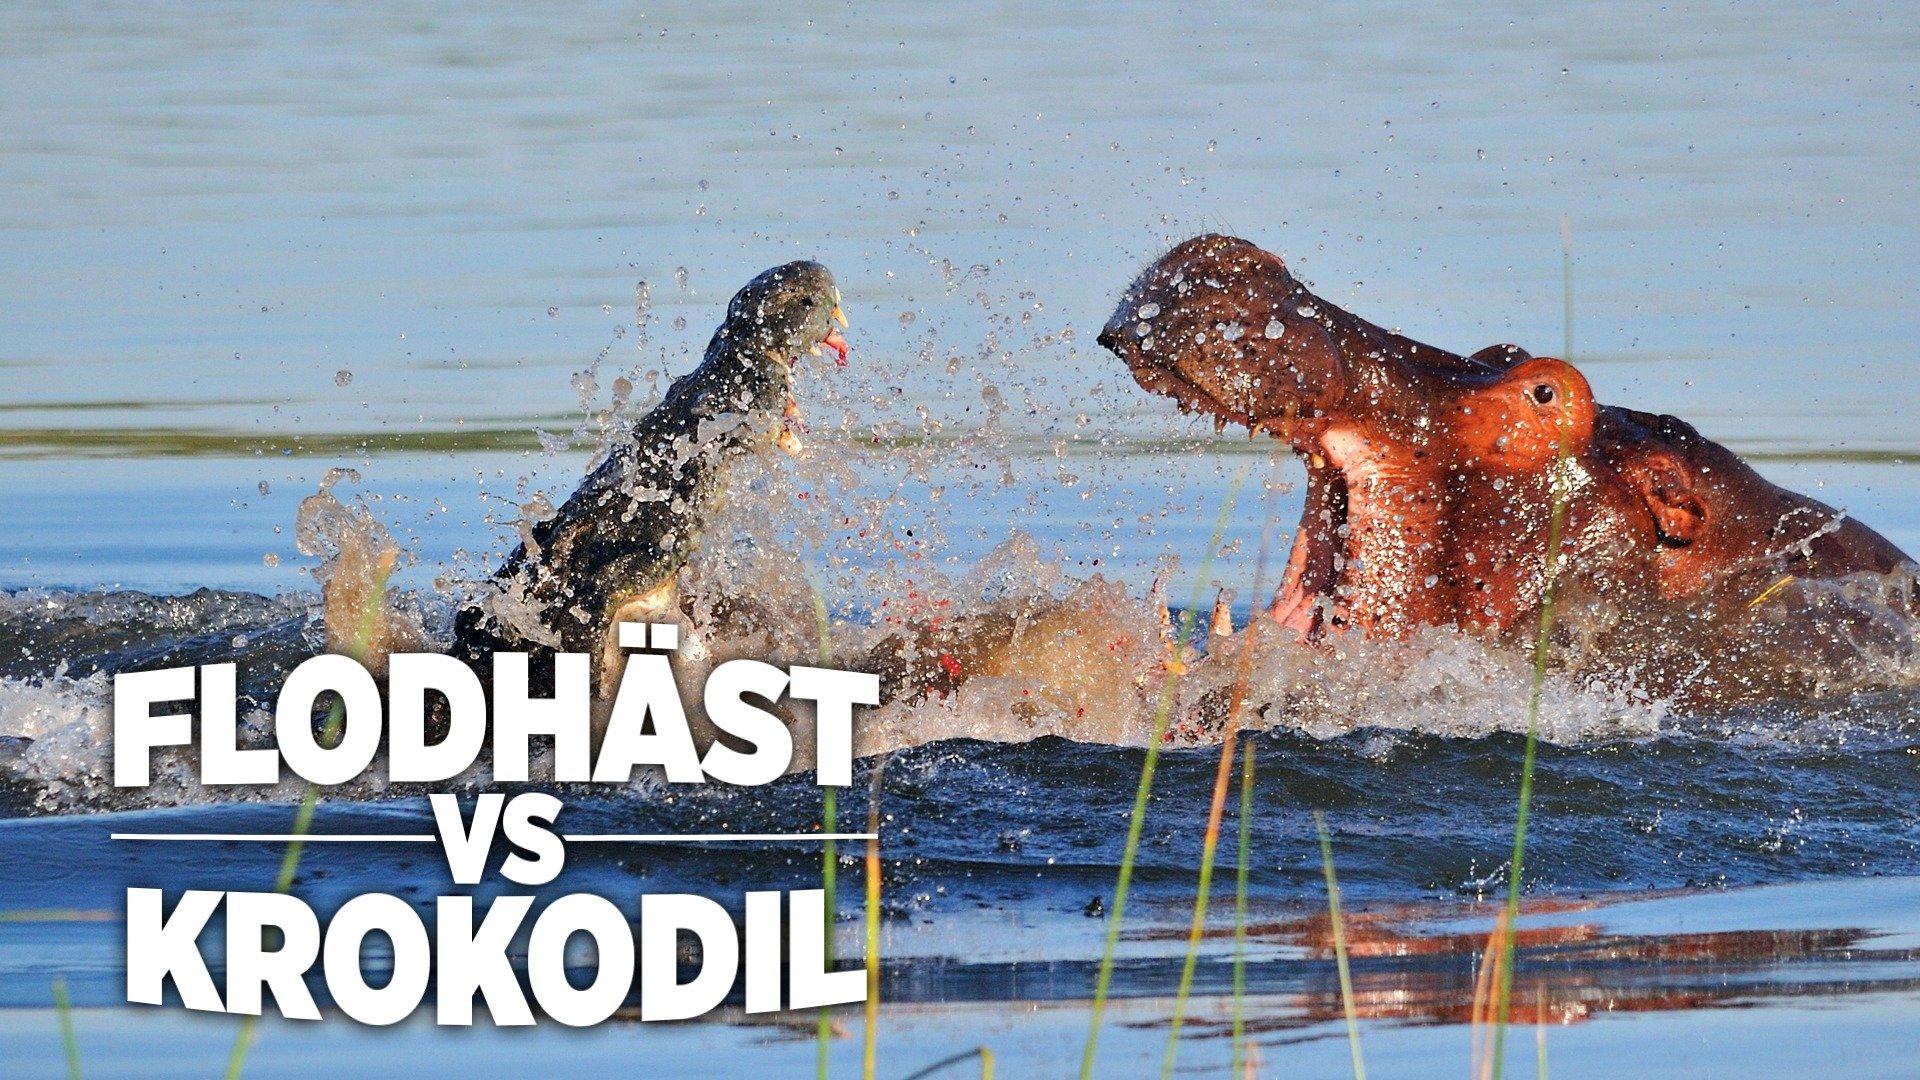 Flodhäst vs krokodil